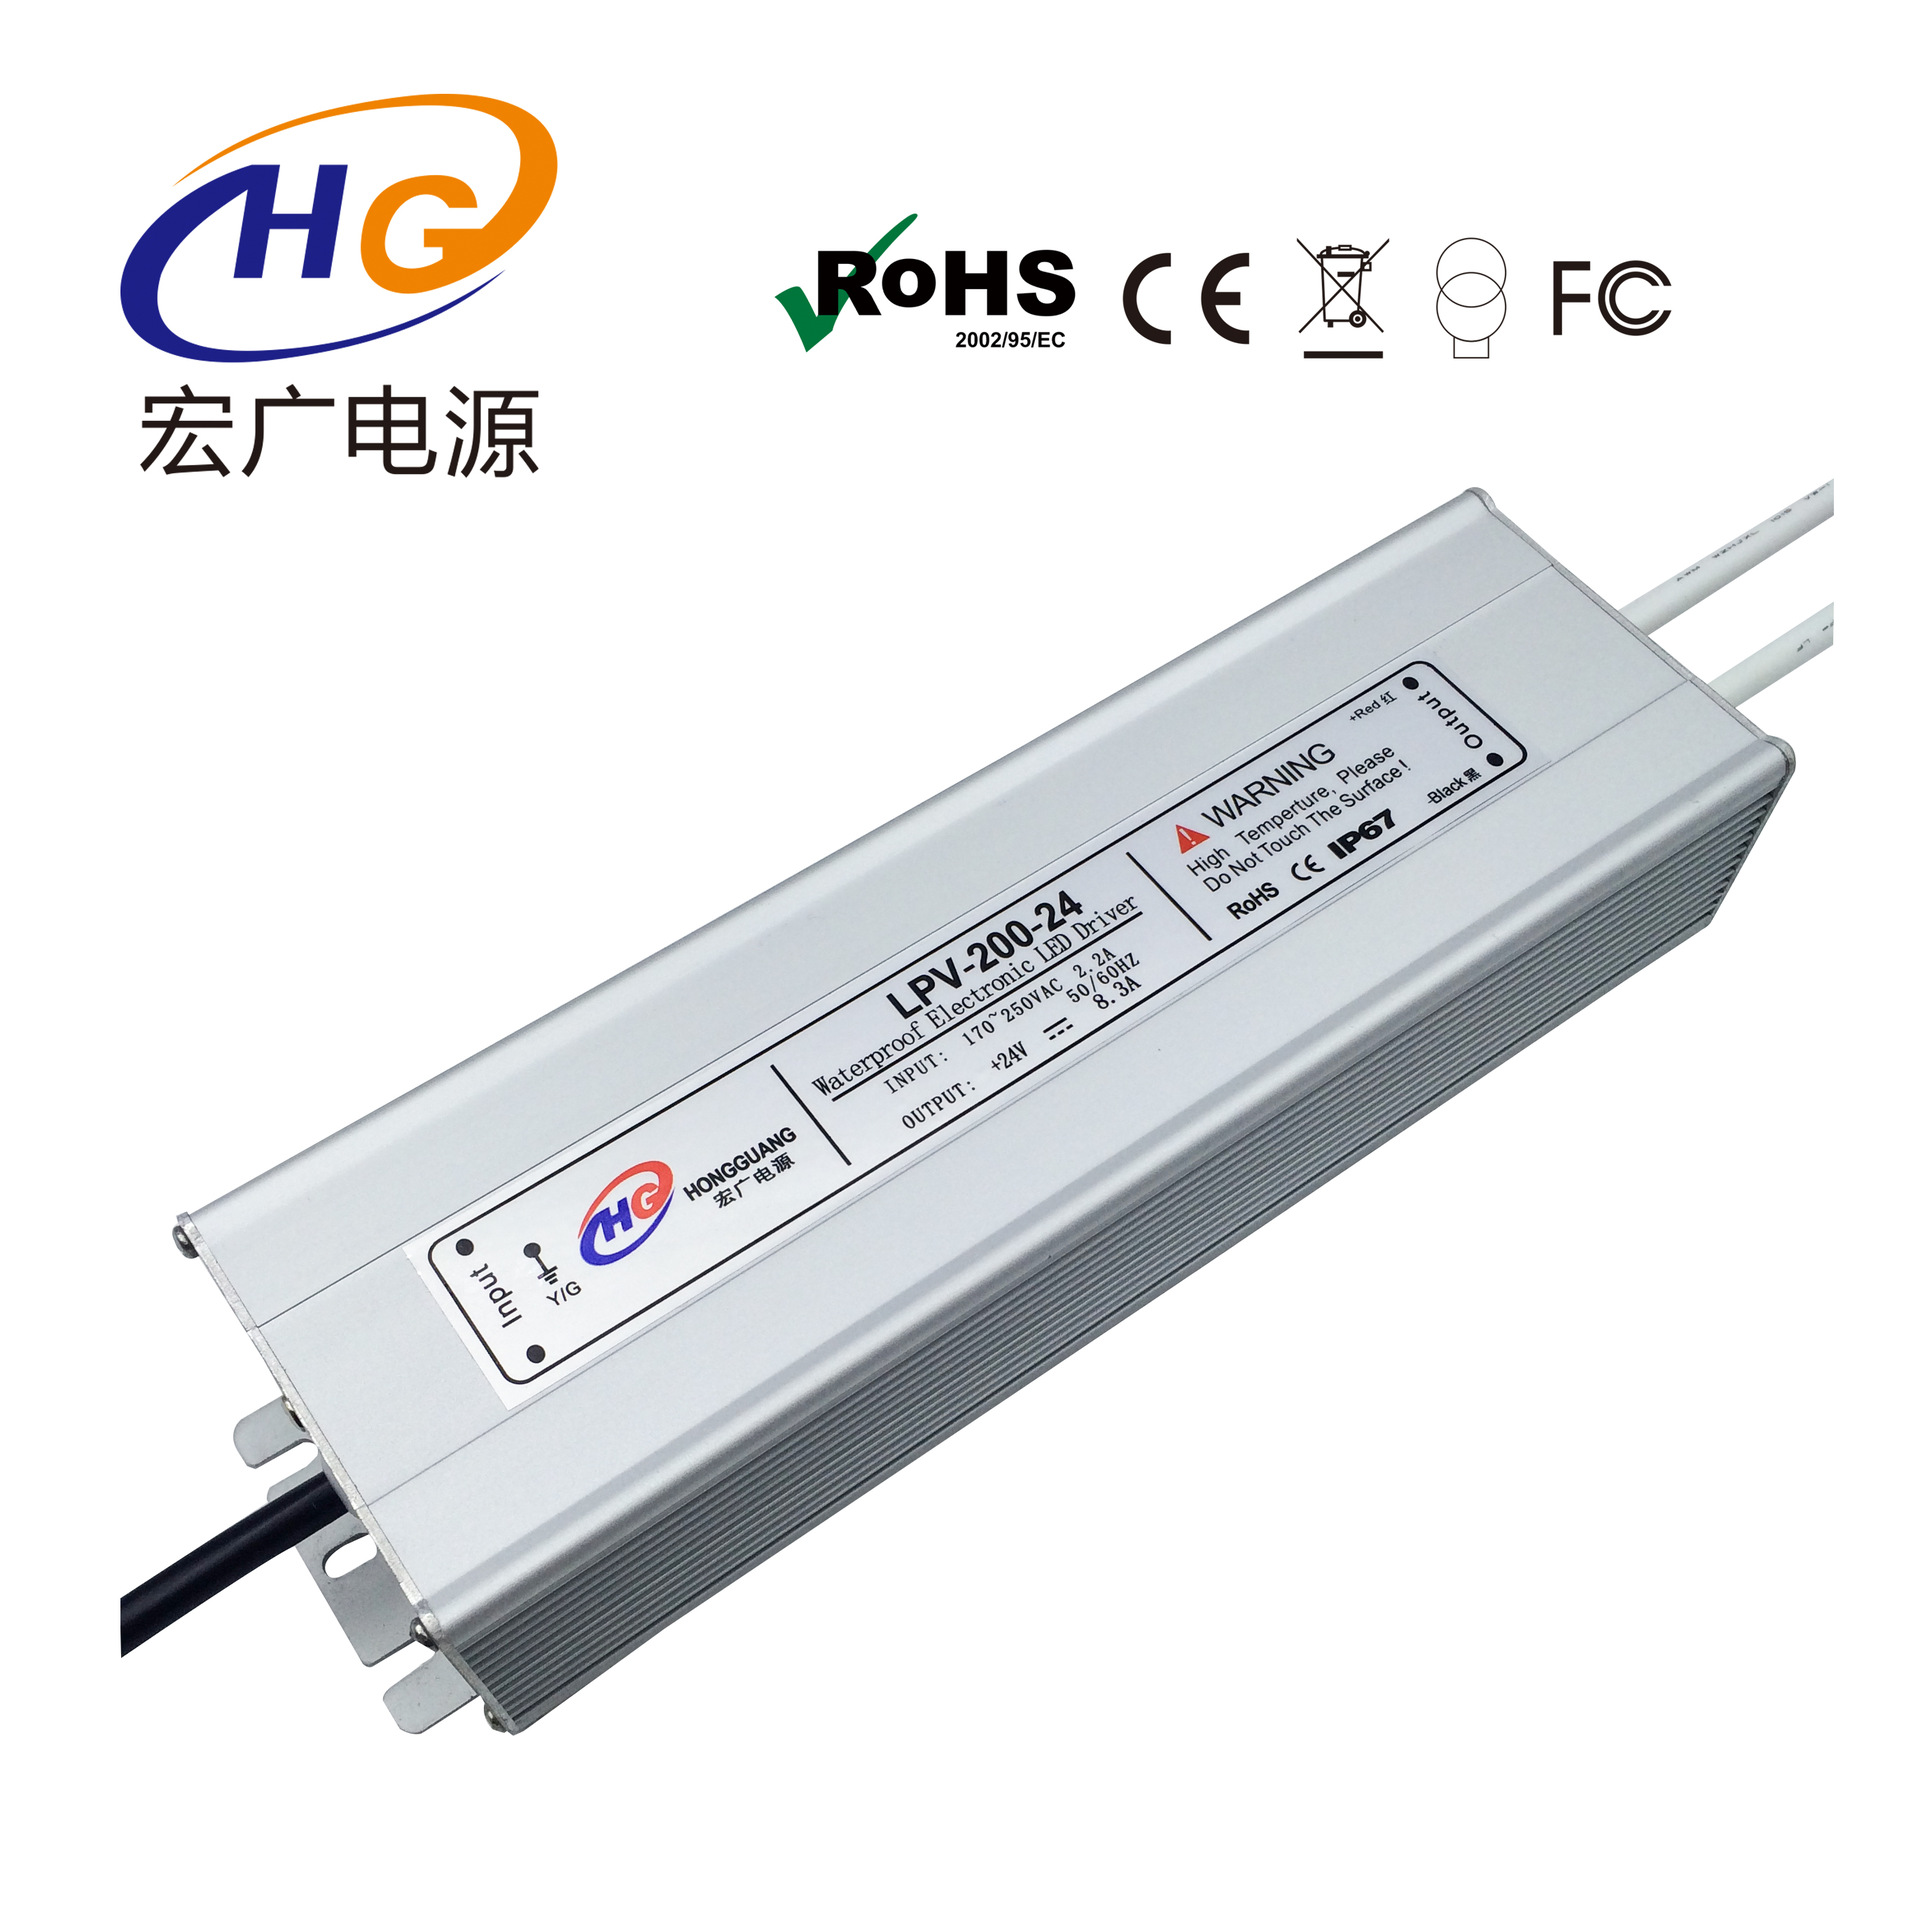 HG Bộ nguồn không đổi Nhà máy bán hàng trực tiếp điện áp không đổi / dòng điện không đổi / nguồn cun